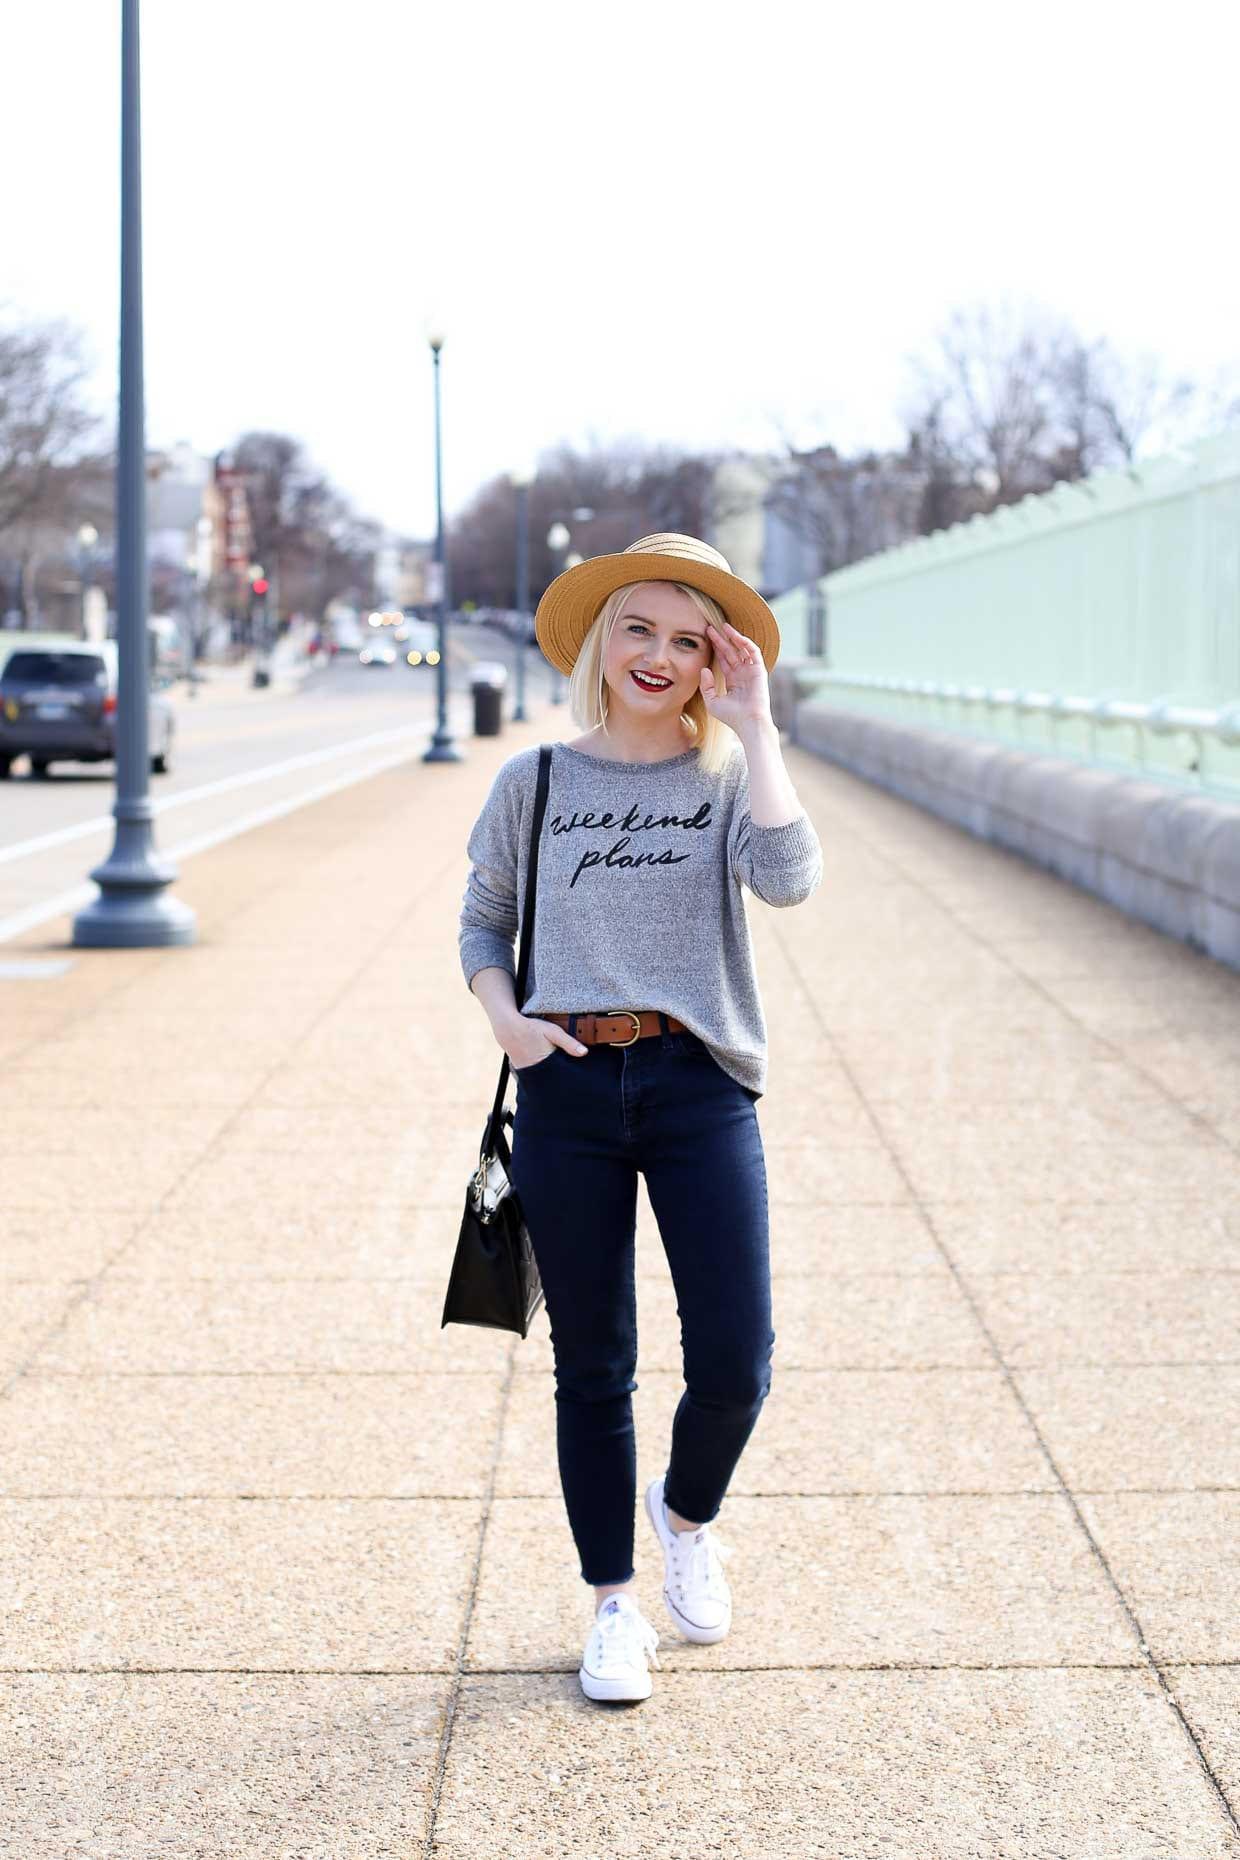 Cozy Crew Sweatshirt - Weekend Plans - Poor Little It Girl